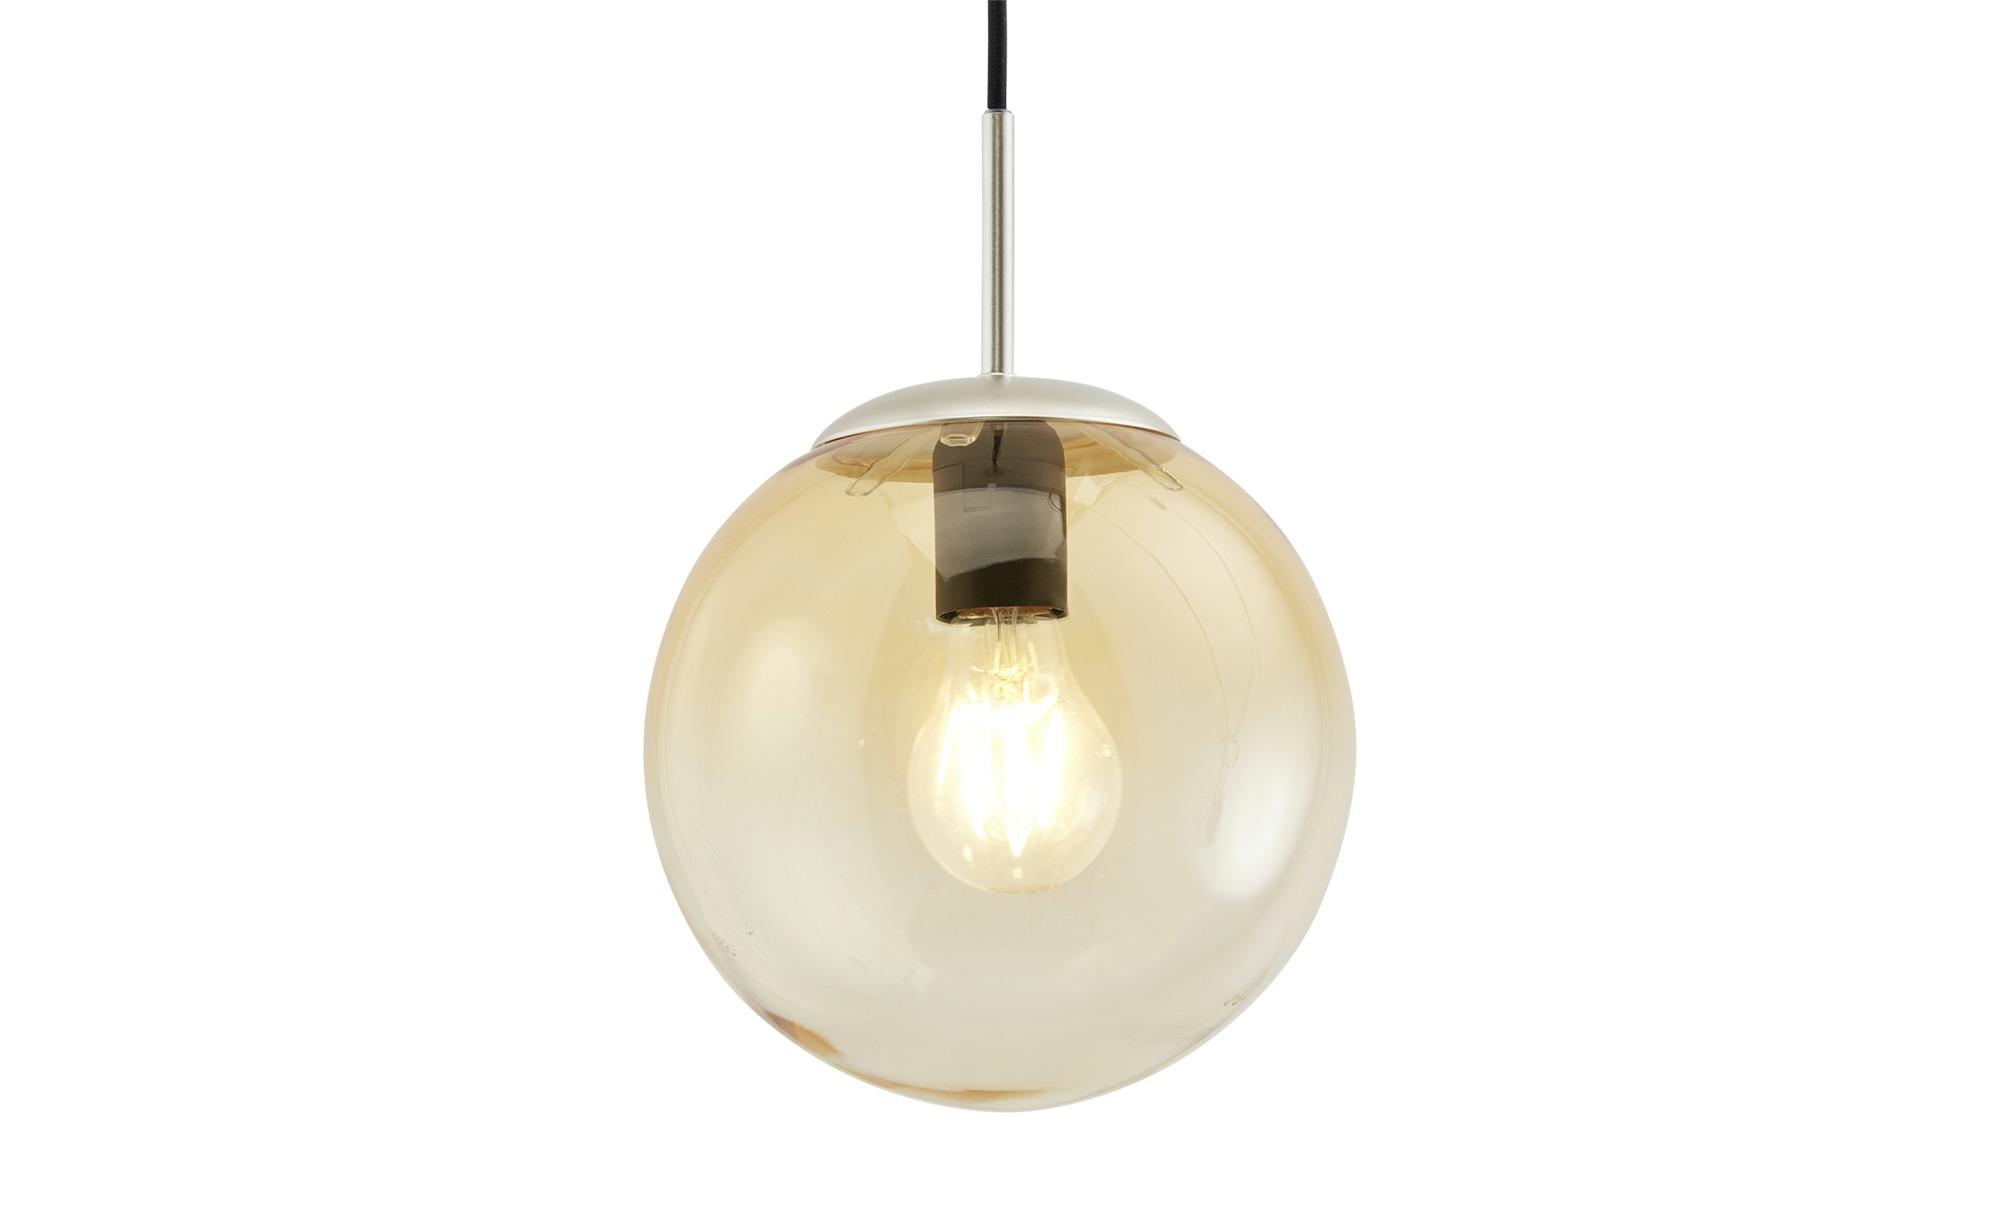 Glaspendelleuchte, 1-flammig, Glas amberfarben ¦ silberØ: [20.0] Lampen & Leuchten > Innenleuchten > Pendelleuchten - Höffner